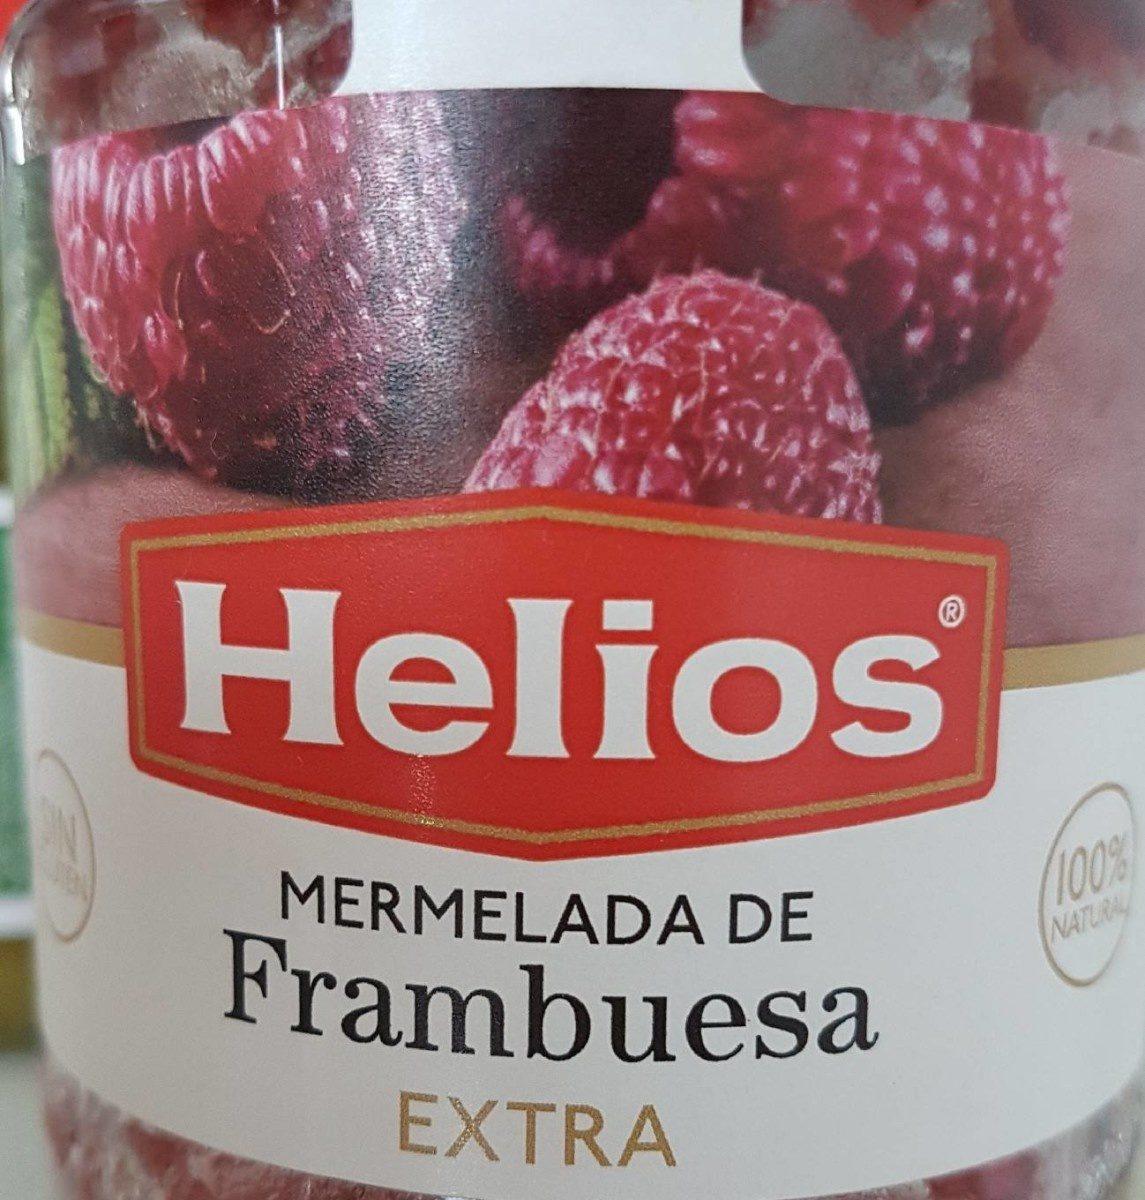 Mermelada de Frambuesa - Produit